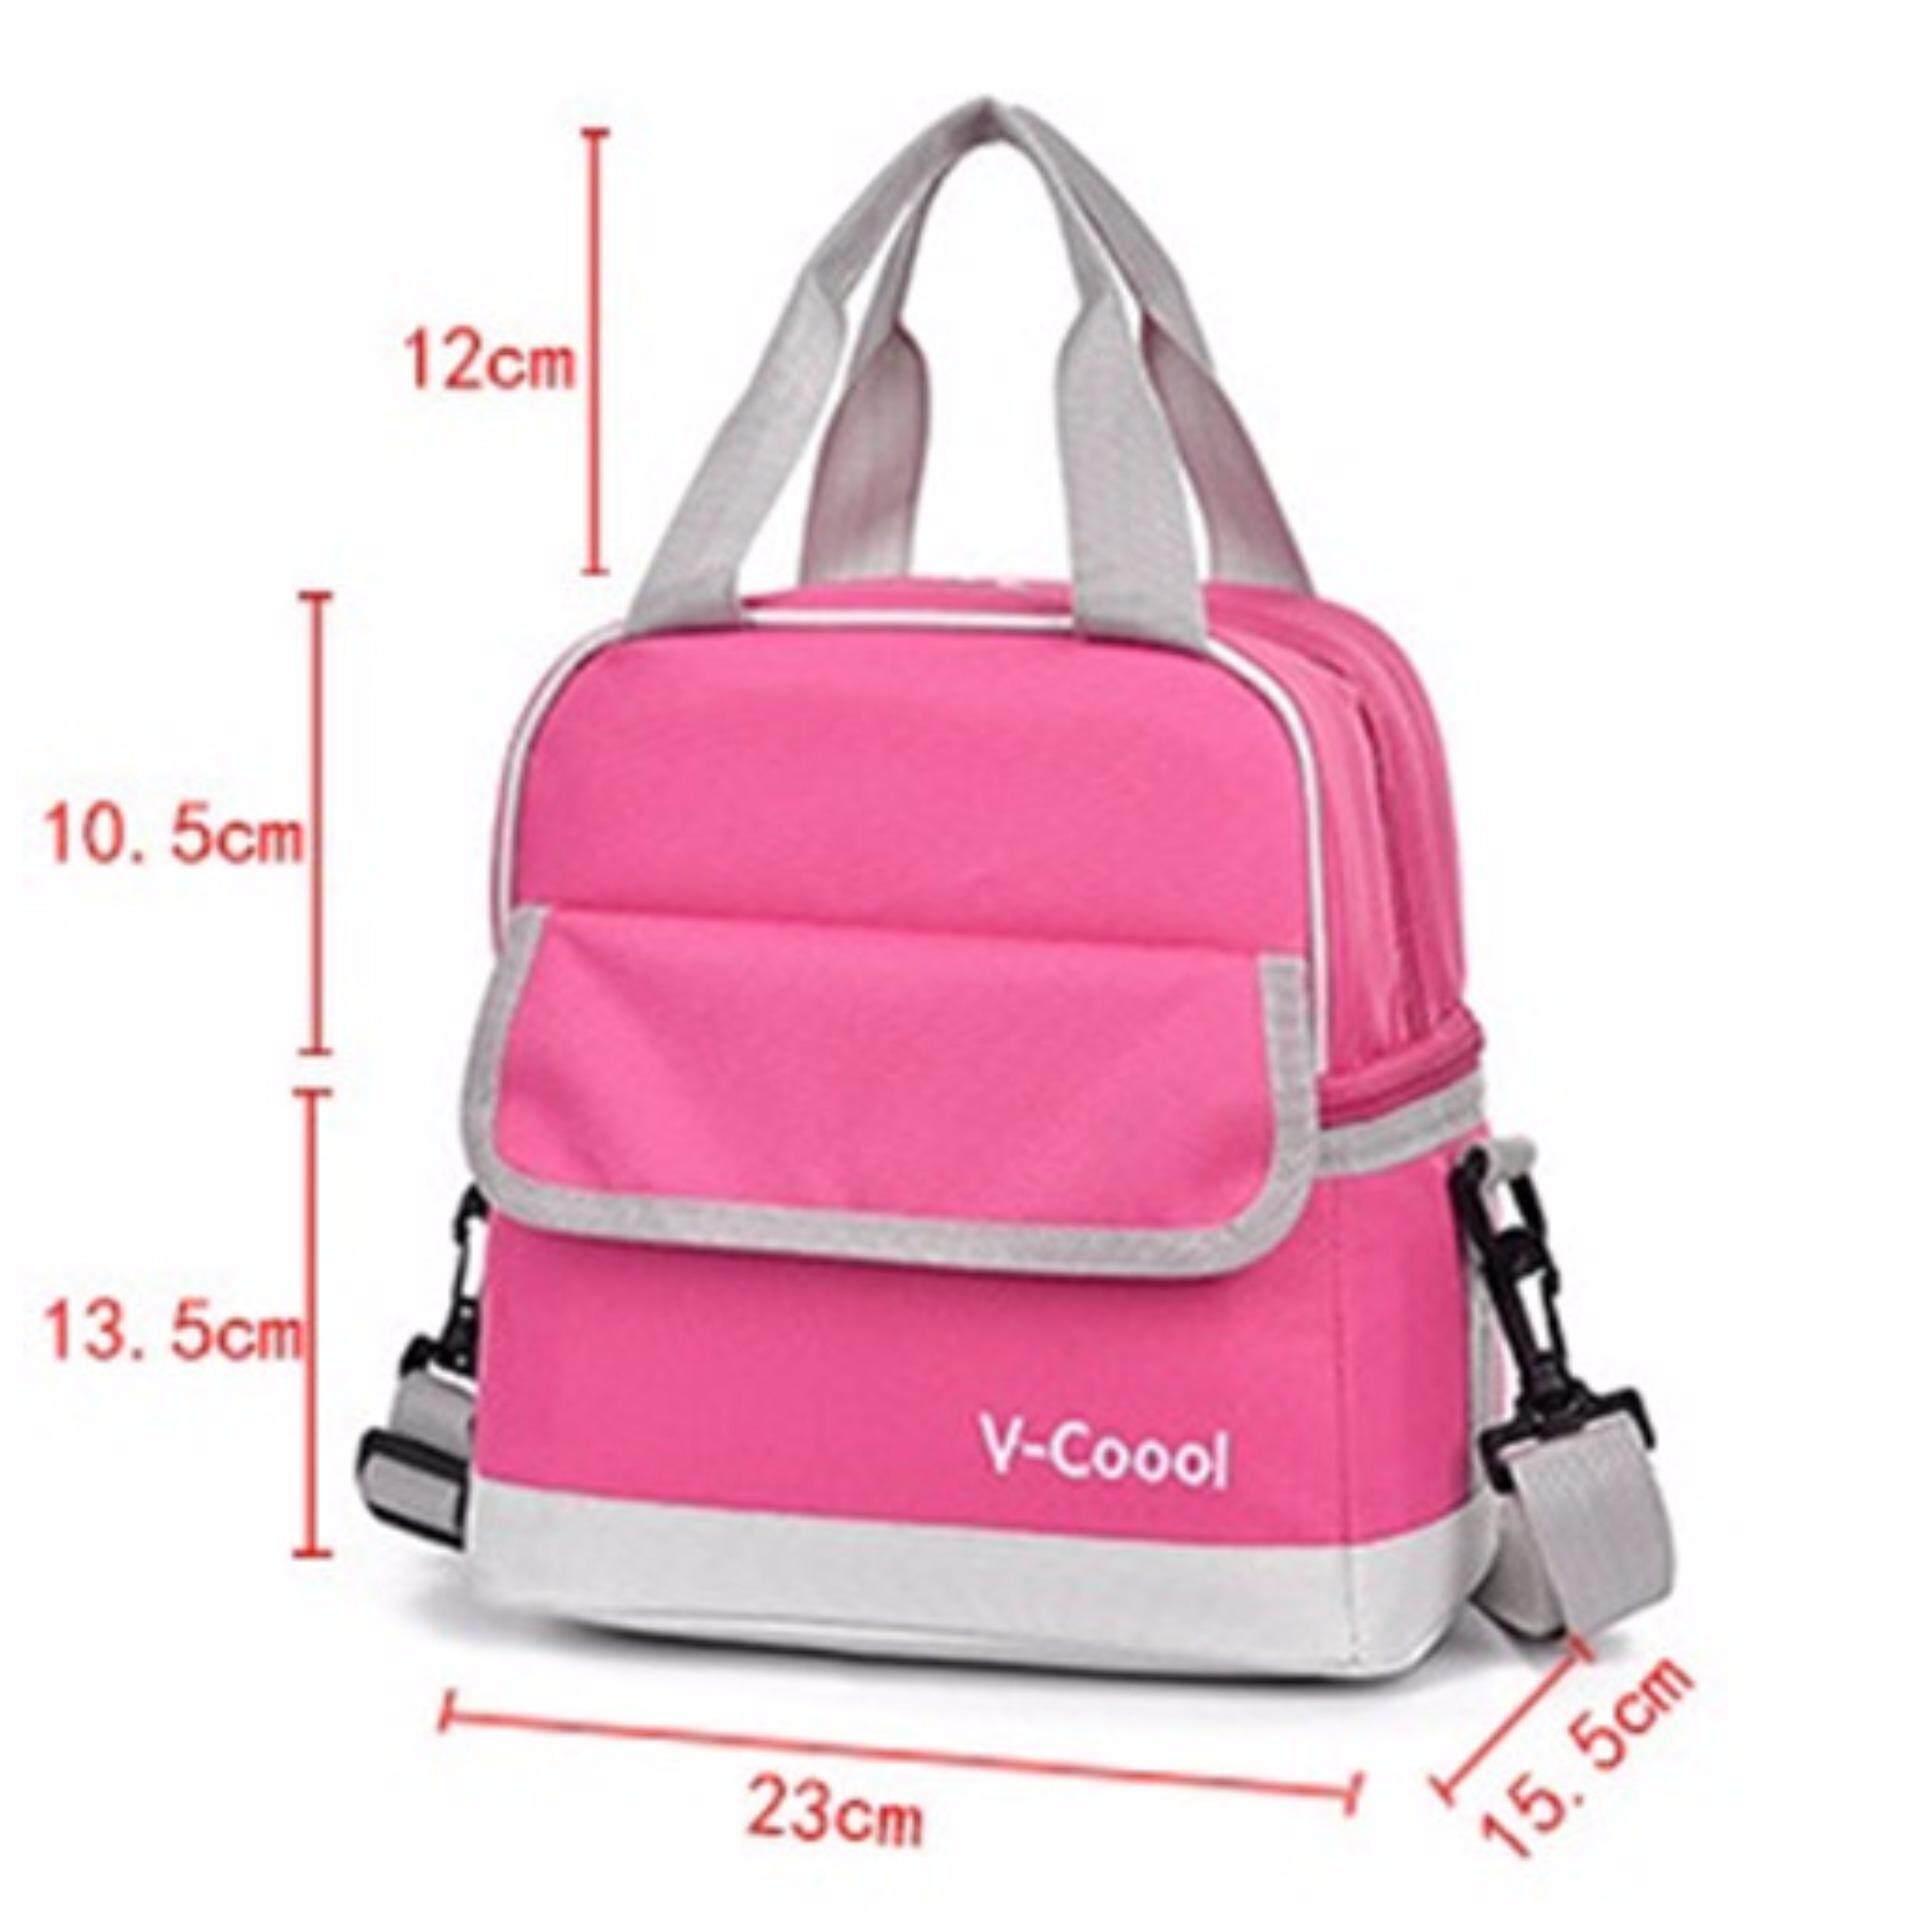 V-Coool Double Deck Cooler Bag Value Package